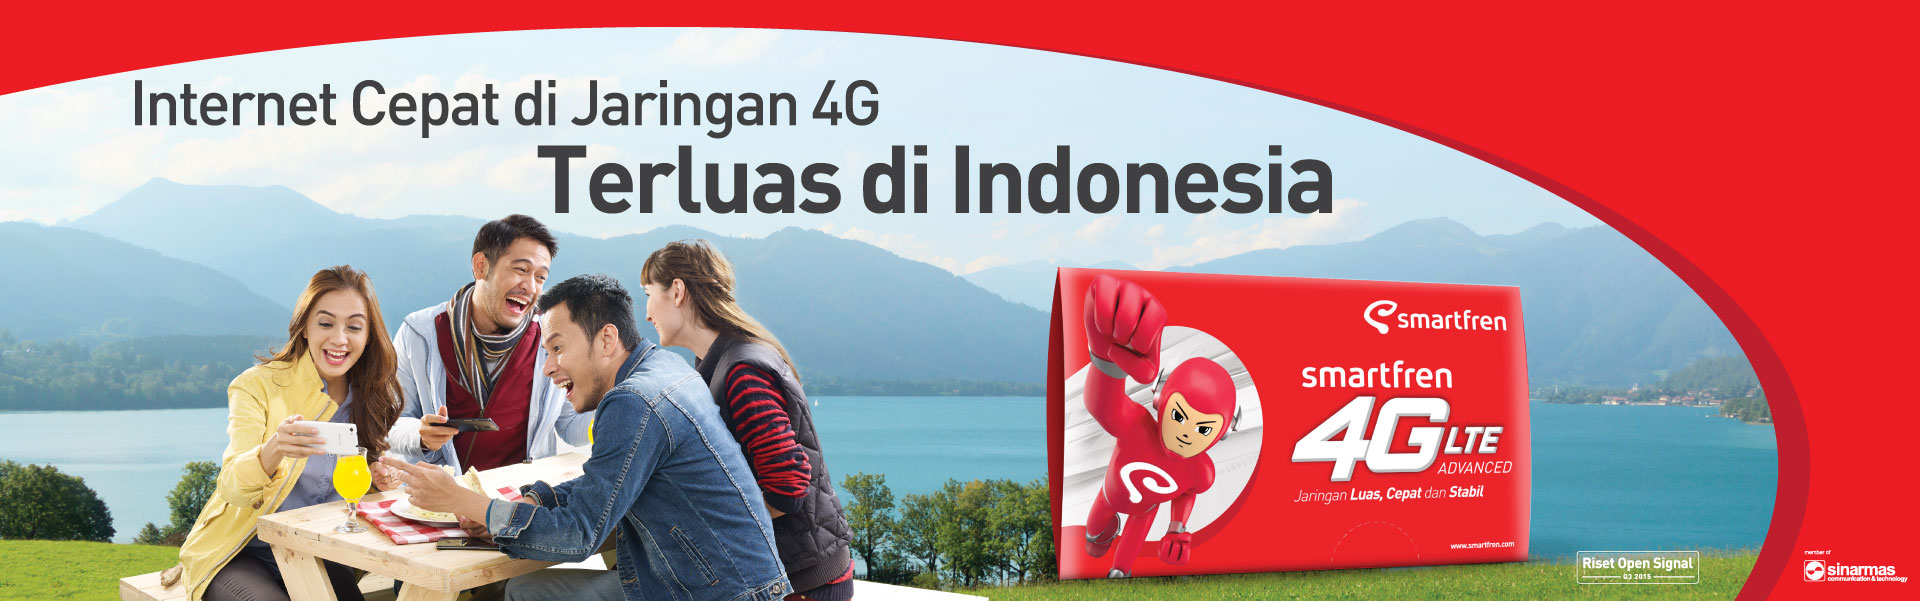 Hasil gambar untuk smartfren 4G